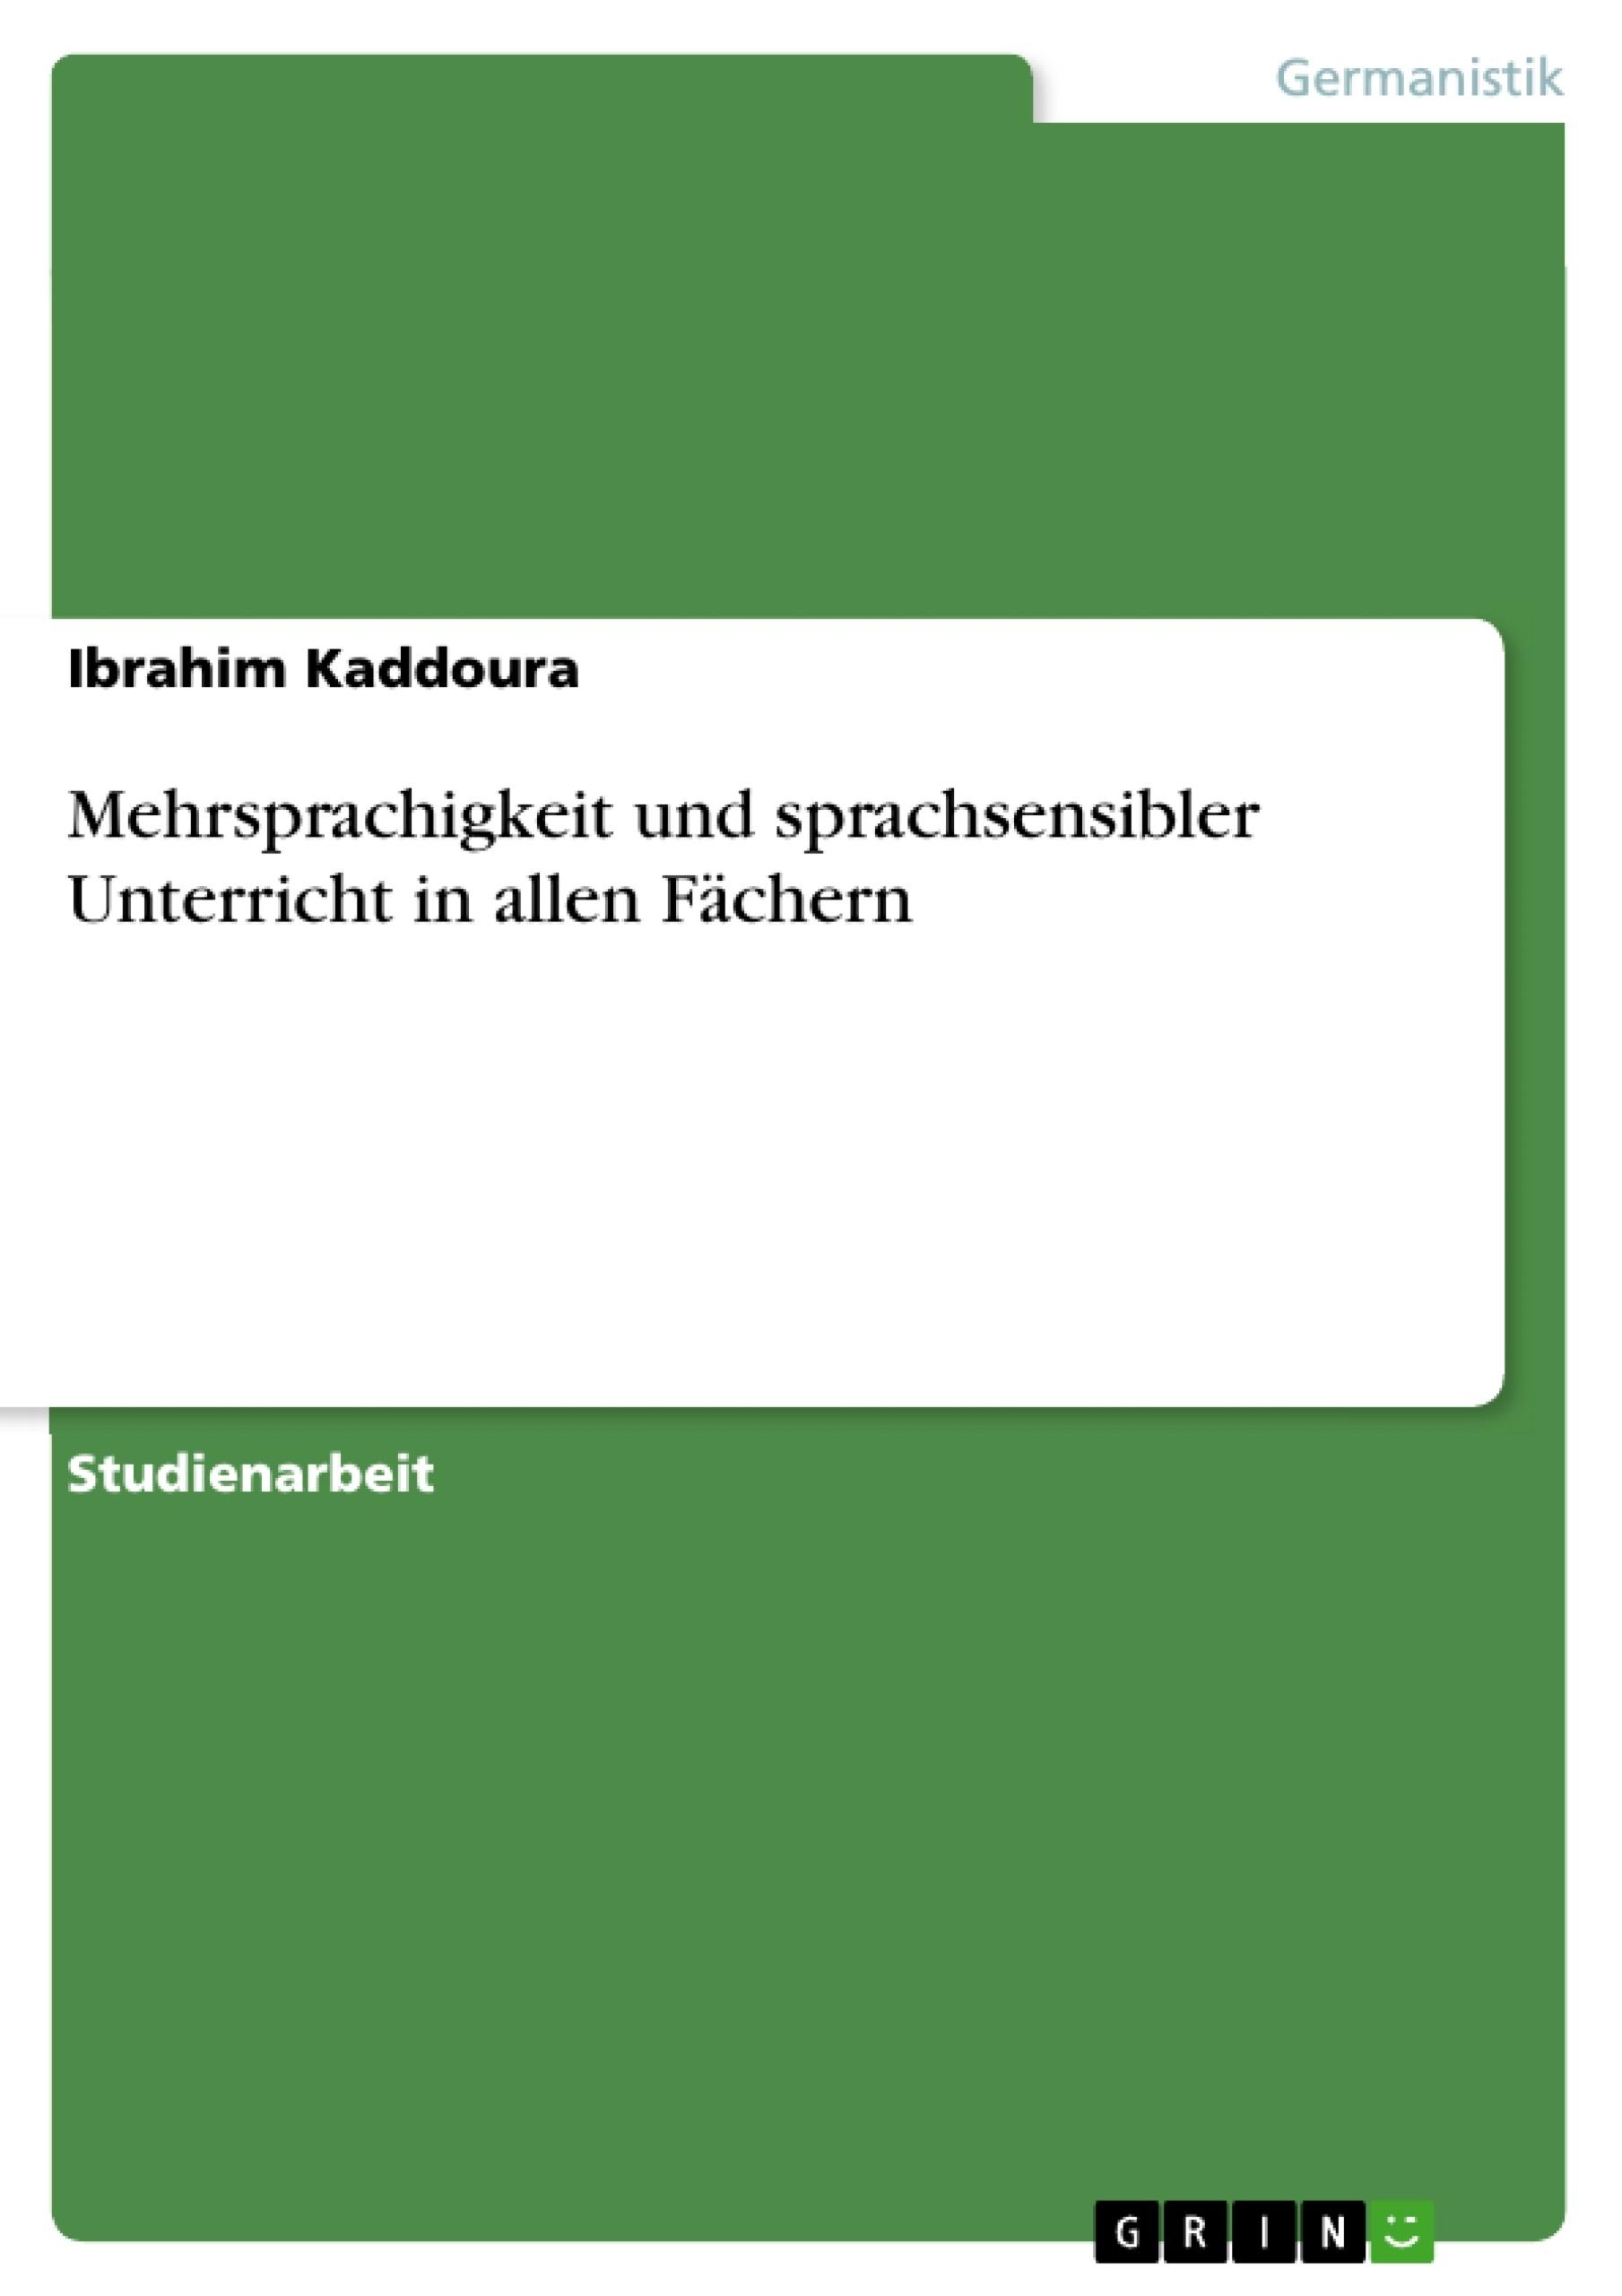 Titel: Mehrsprachigkeit und sprachsensibler Unterricht in allen Fächern